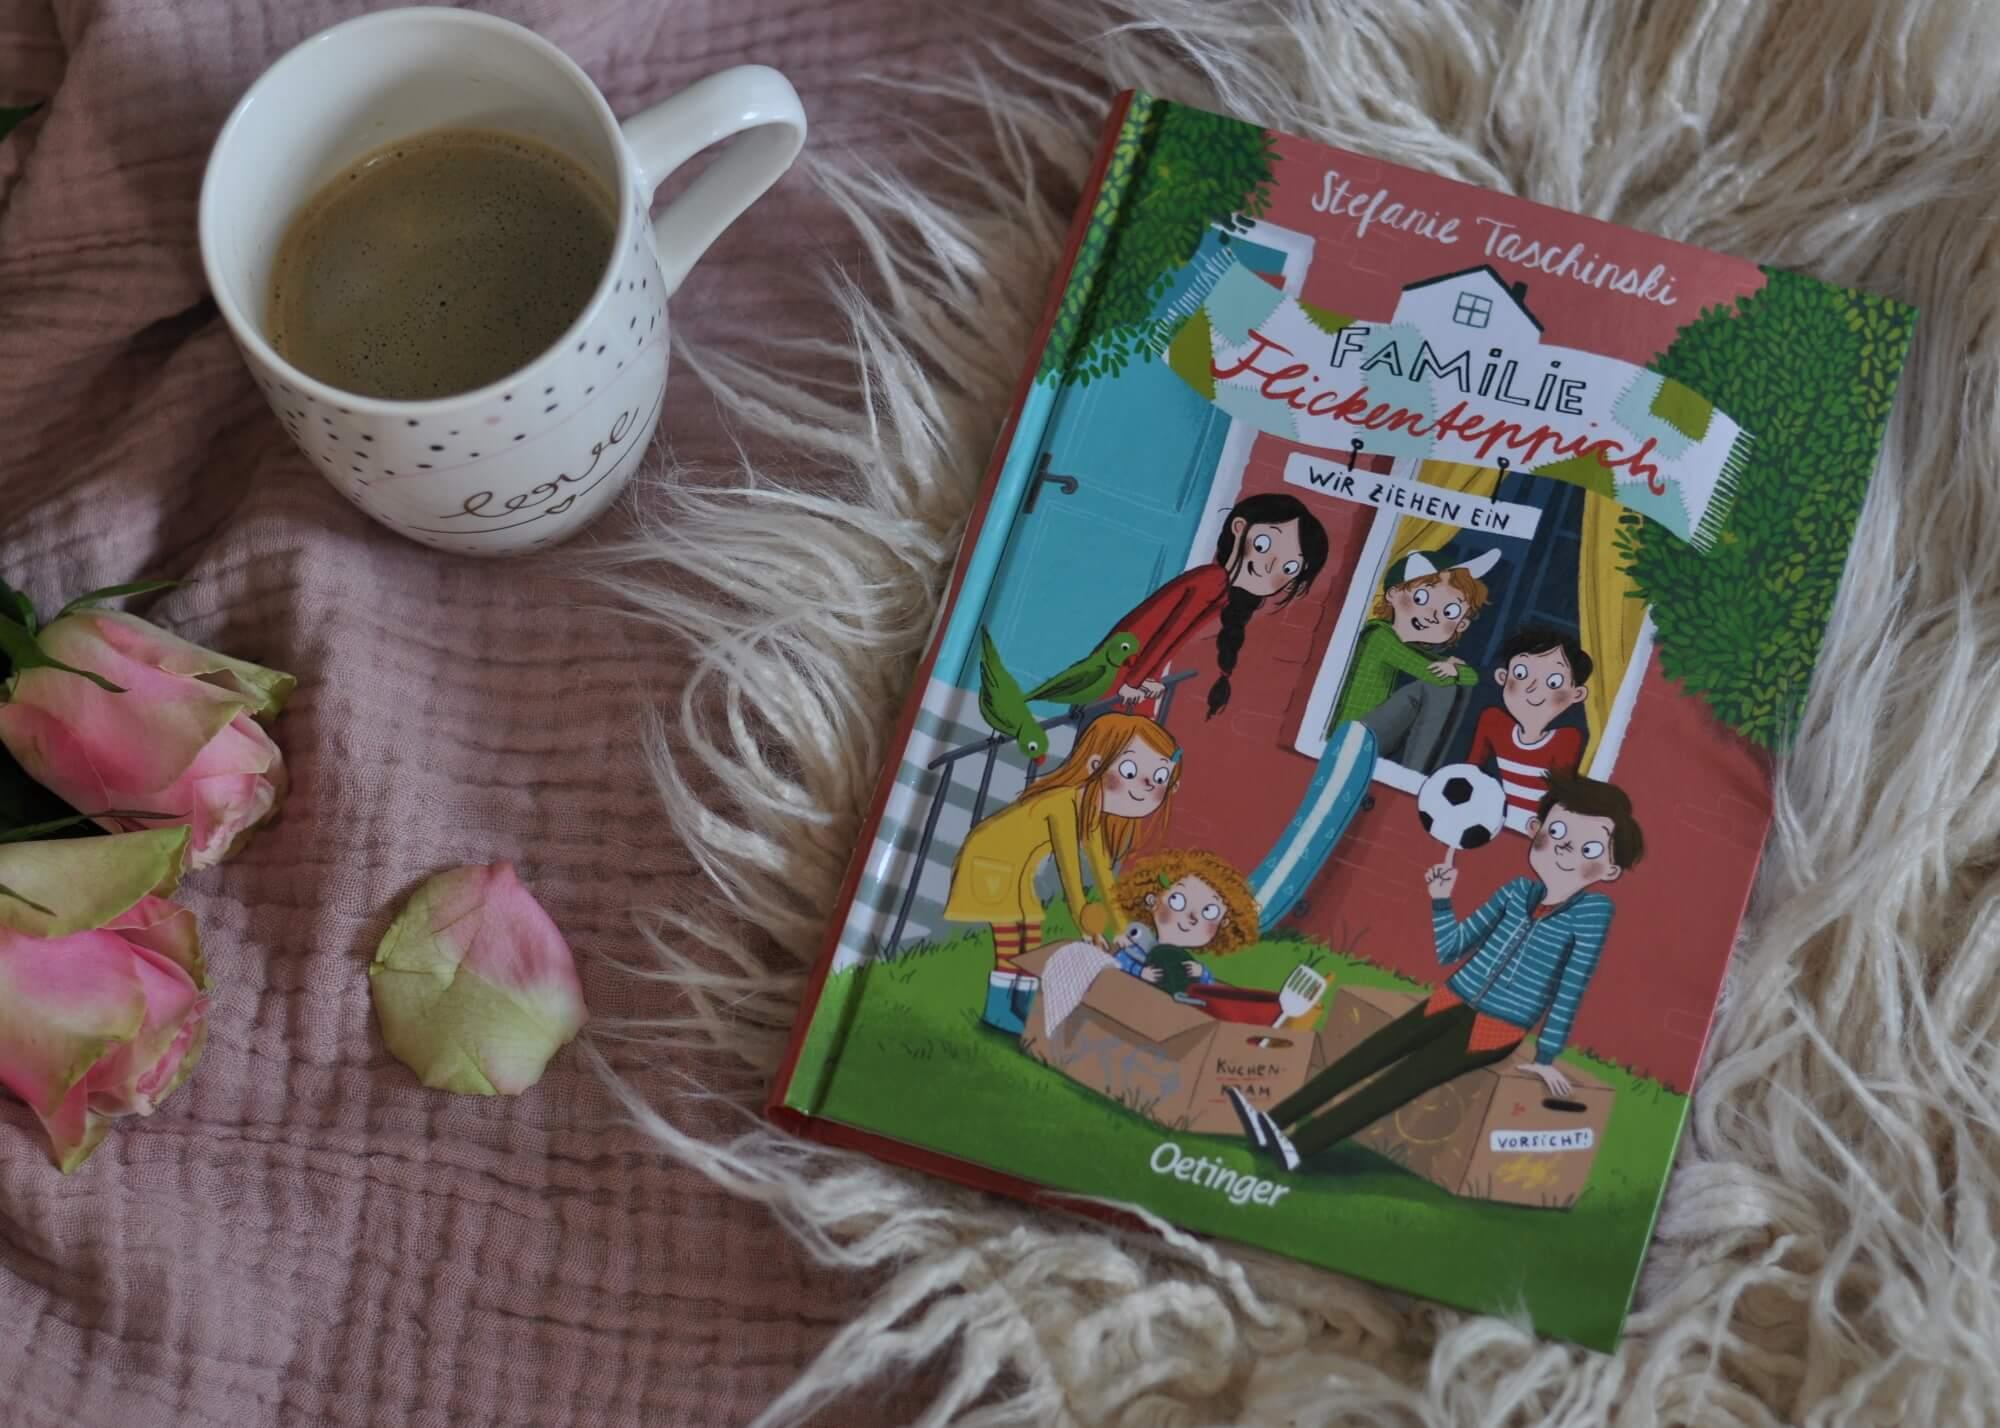 Familie Flickenteppich ist der Auftakt einer warmherzigen und lustigen Kinderbuchreihe. Neben dem Verlust eines Elternteils geht es auch um den Umzug und den Besuch einer neuen Schule. Es werden neue Freunde gefunden. Und obendrauf müssen sechs Kinder ordentlich Detektivarbeit leisten, um zu erfahren, was es mit einem mysteriösen Nachbarn auf sich hat. #kinderbuch #lesen #vorlesen #familie #nachbarn #umzug #freundschaft #kinder #diversität